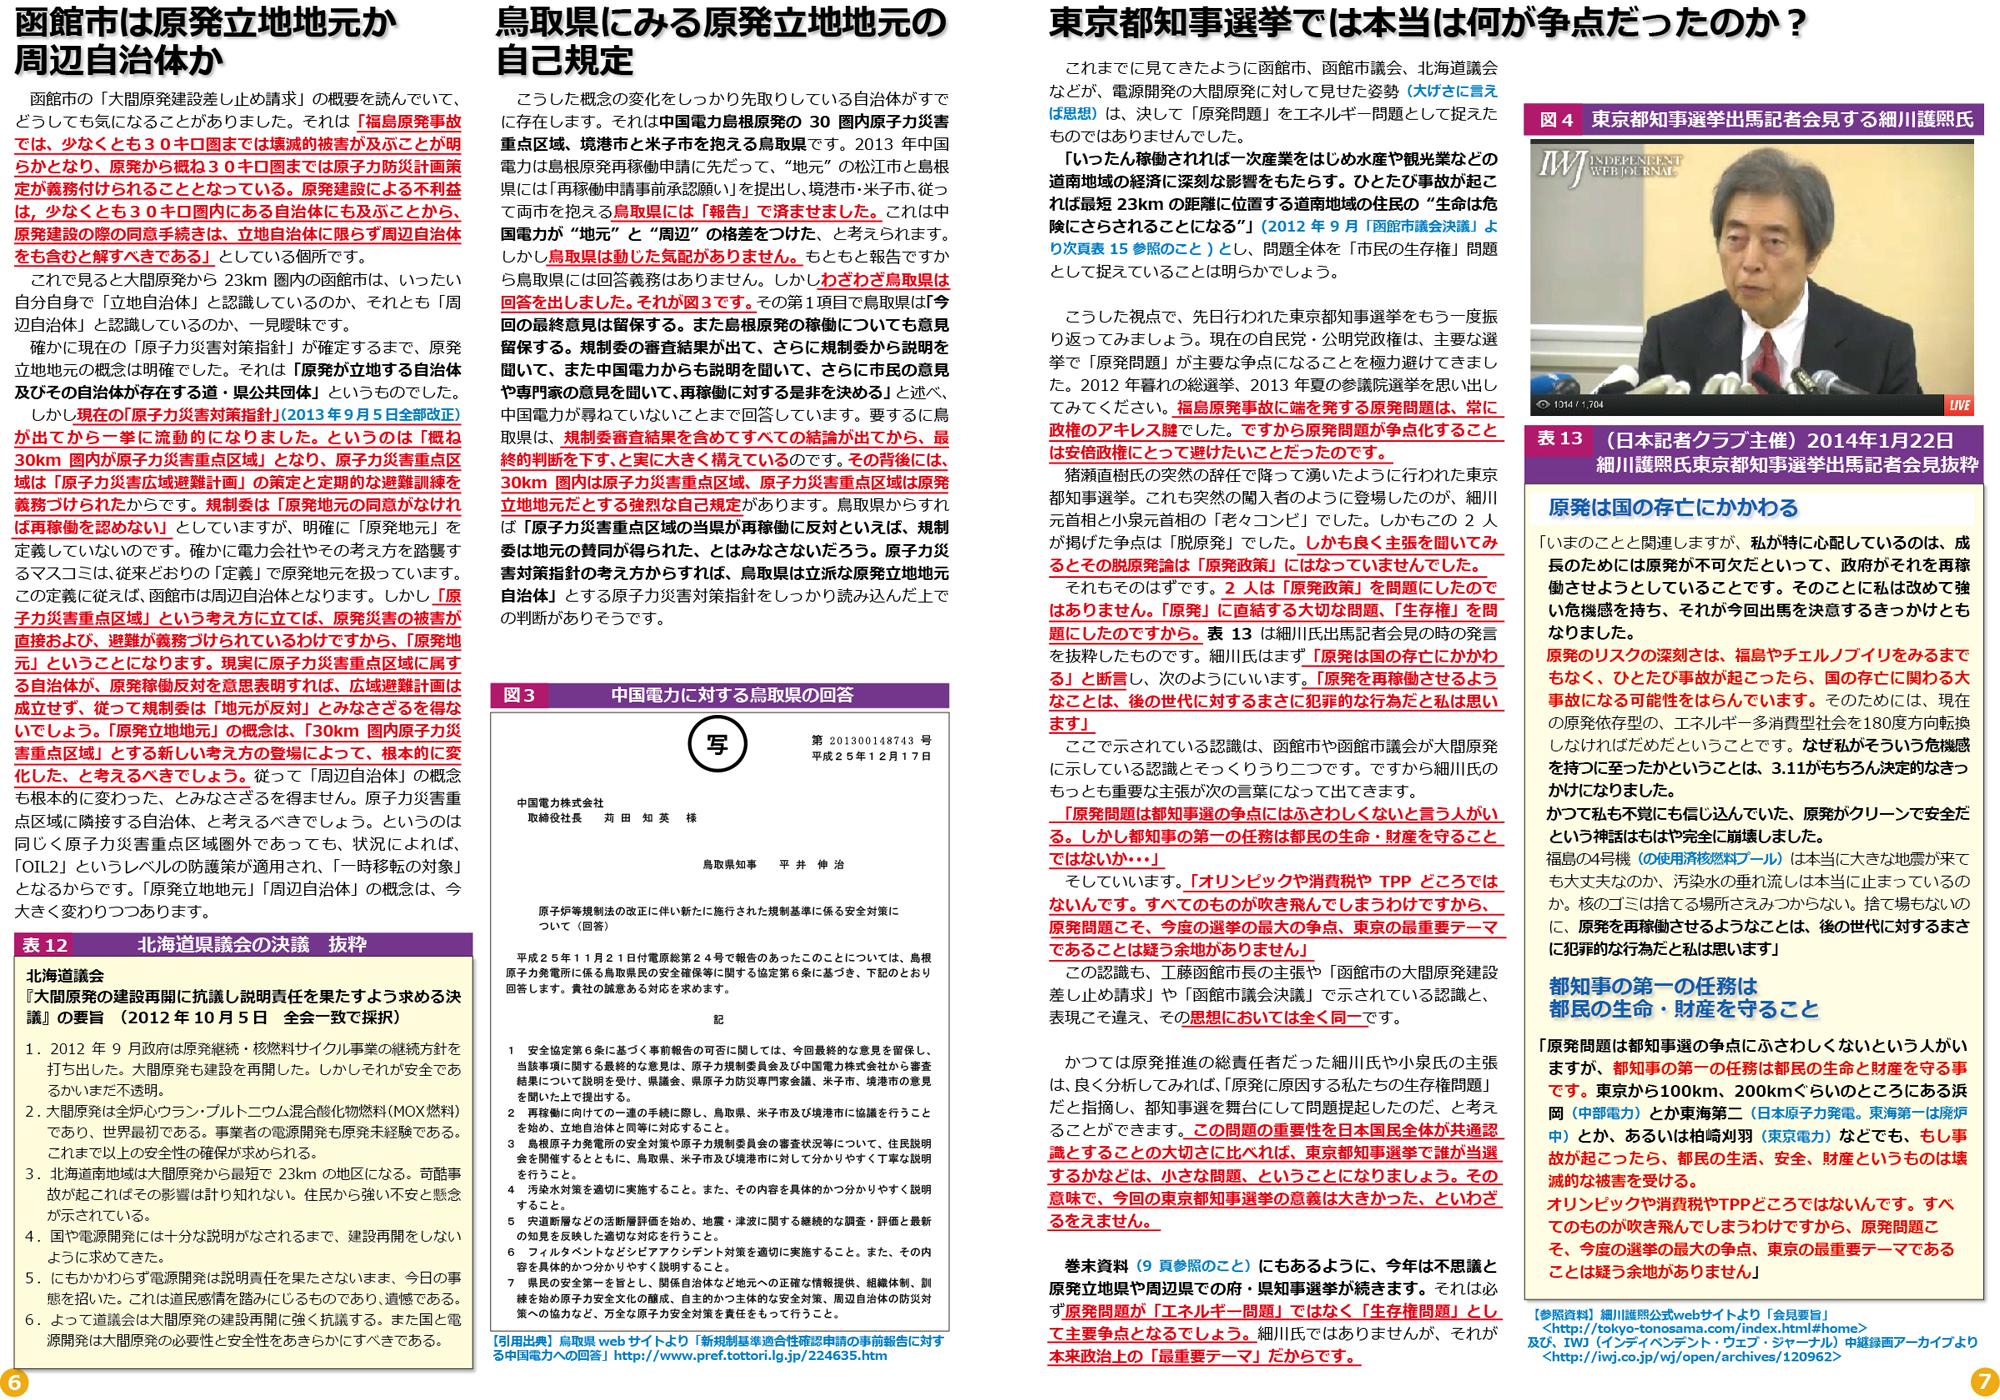 ファイル 262-4.jpg